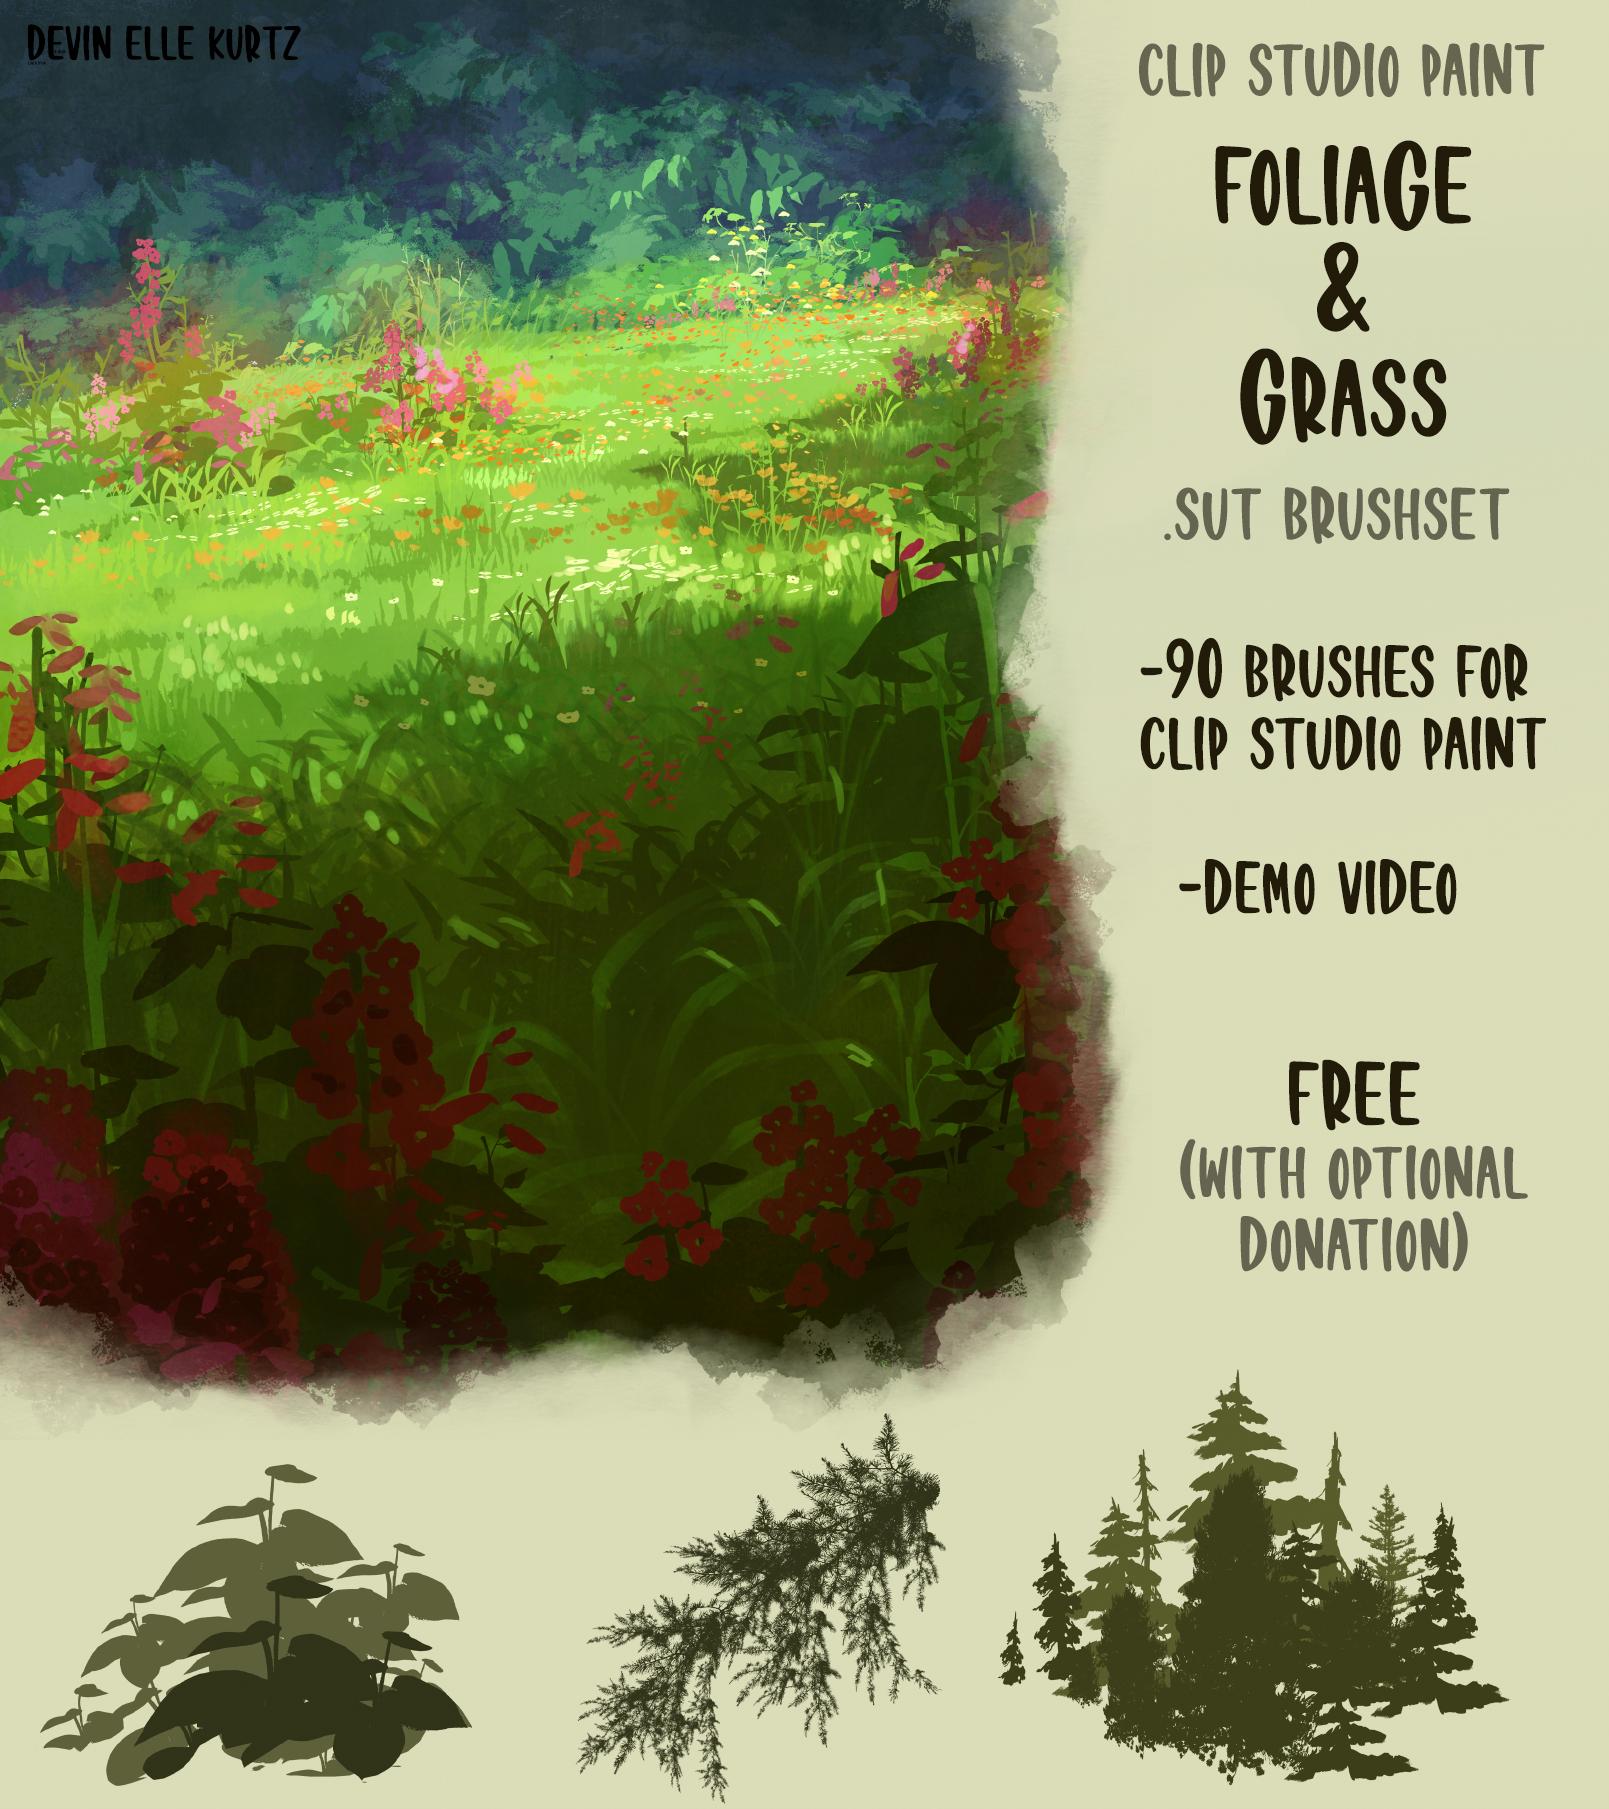 高品质草和树叶笔刷套装 -  Clip Studio Paint  素材